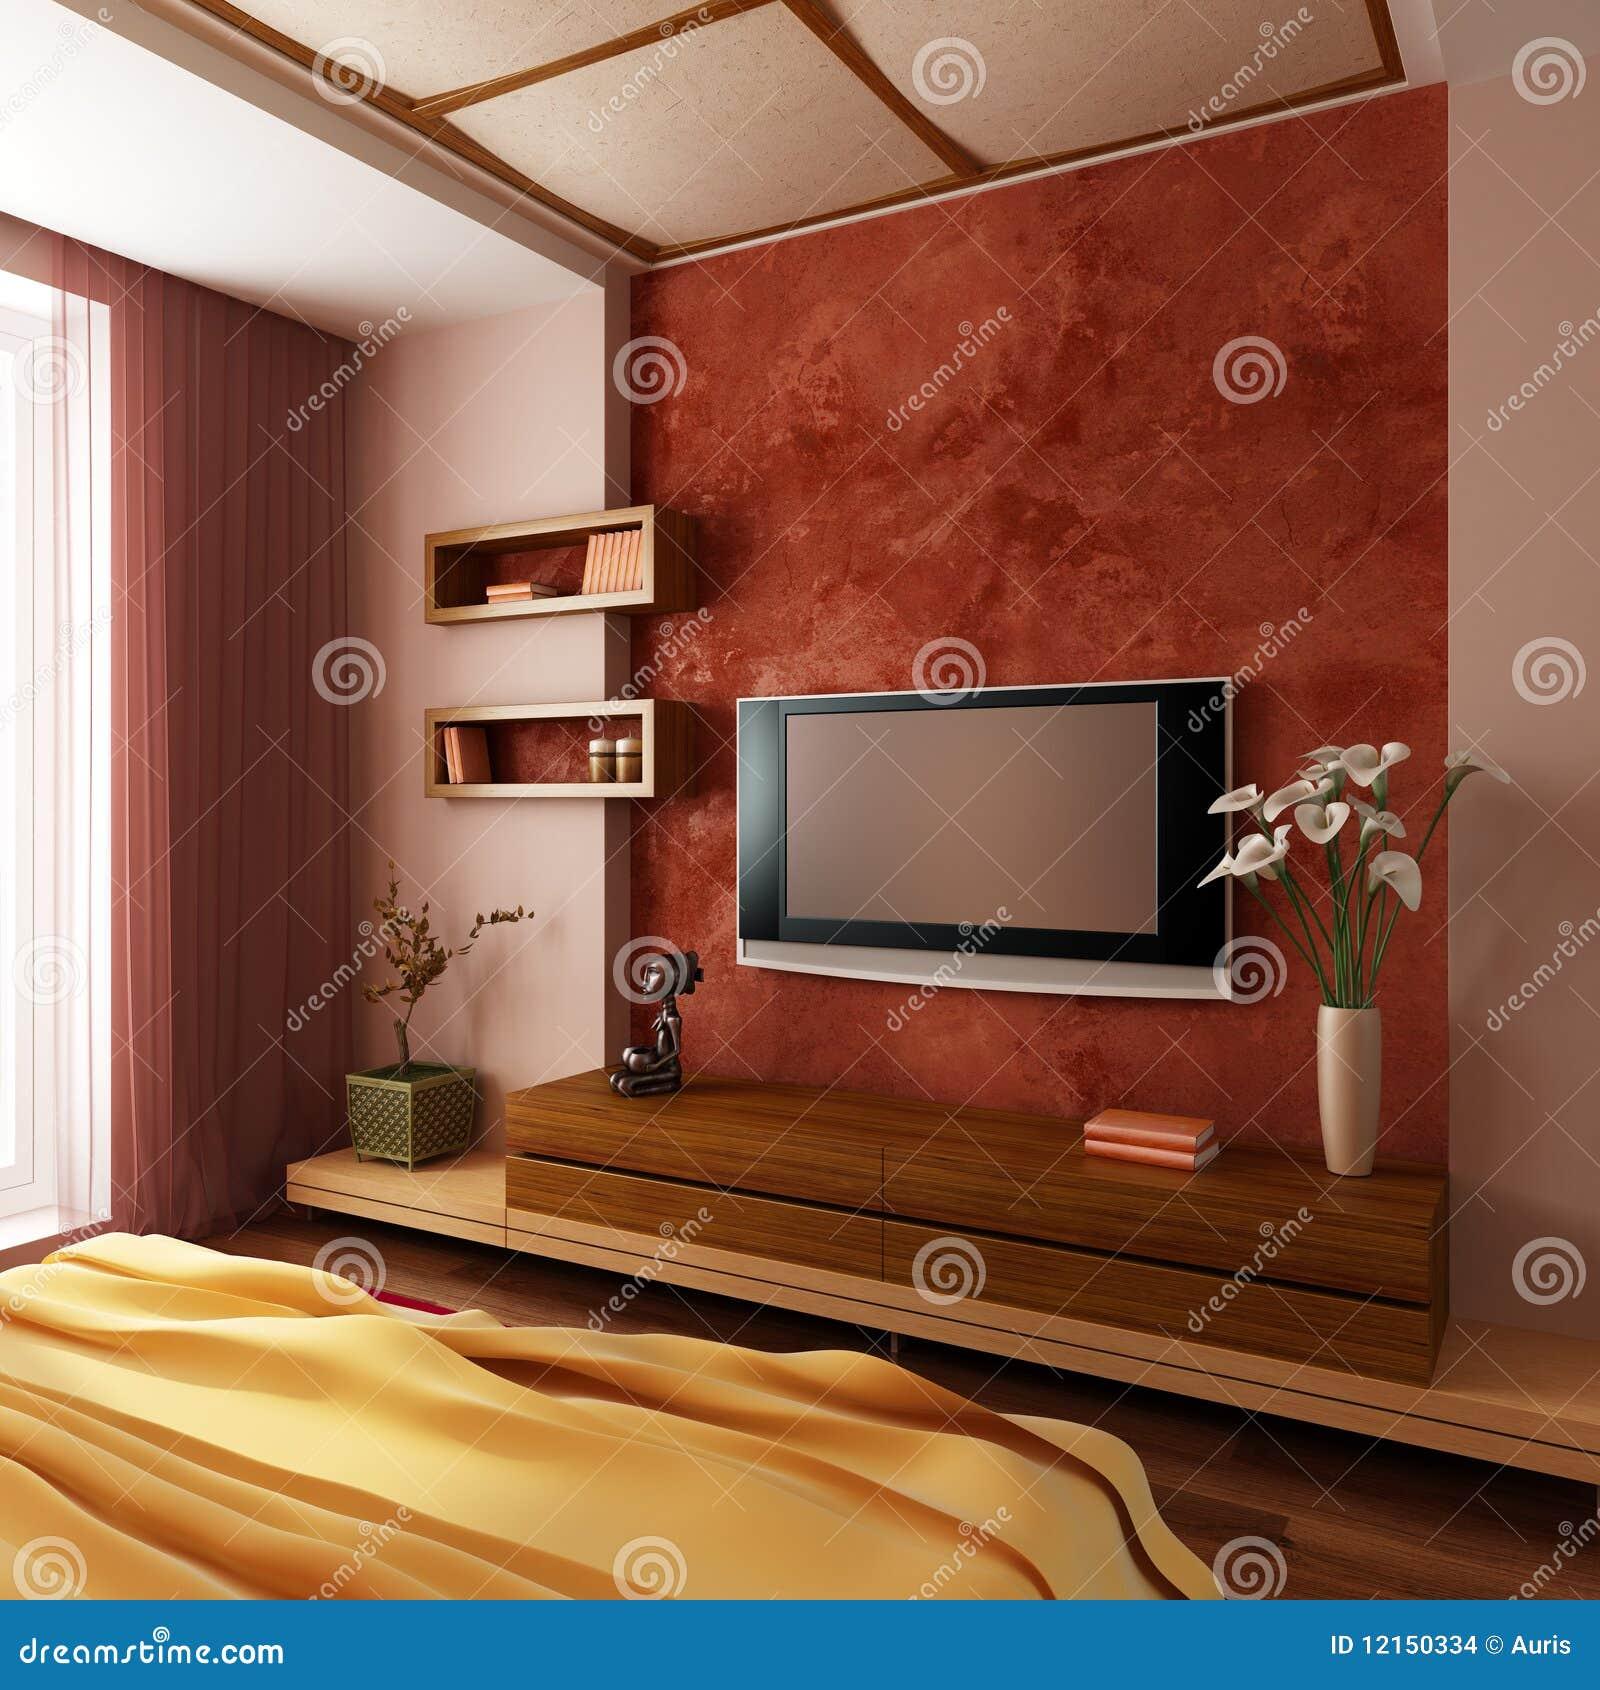 Camera da letto moderna 3d interno di stile illustrazione for Camera letto 3d